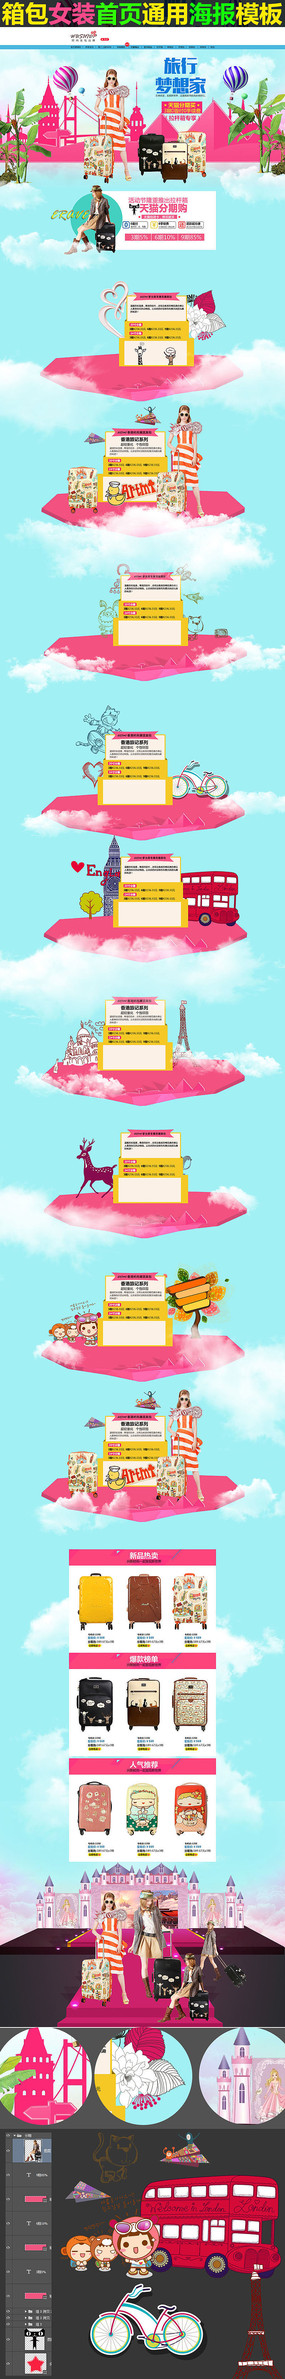 淘宝天猫旅行箱首页设计